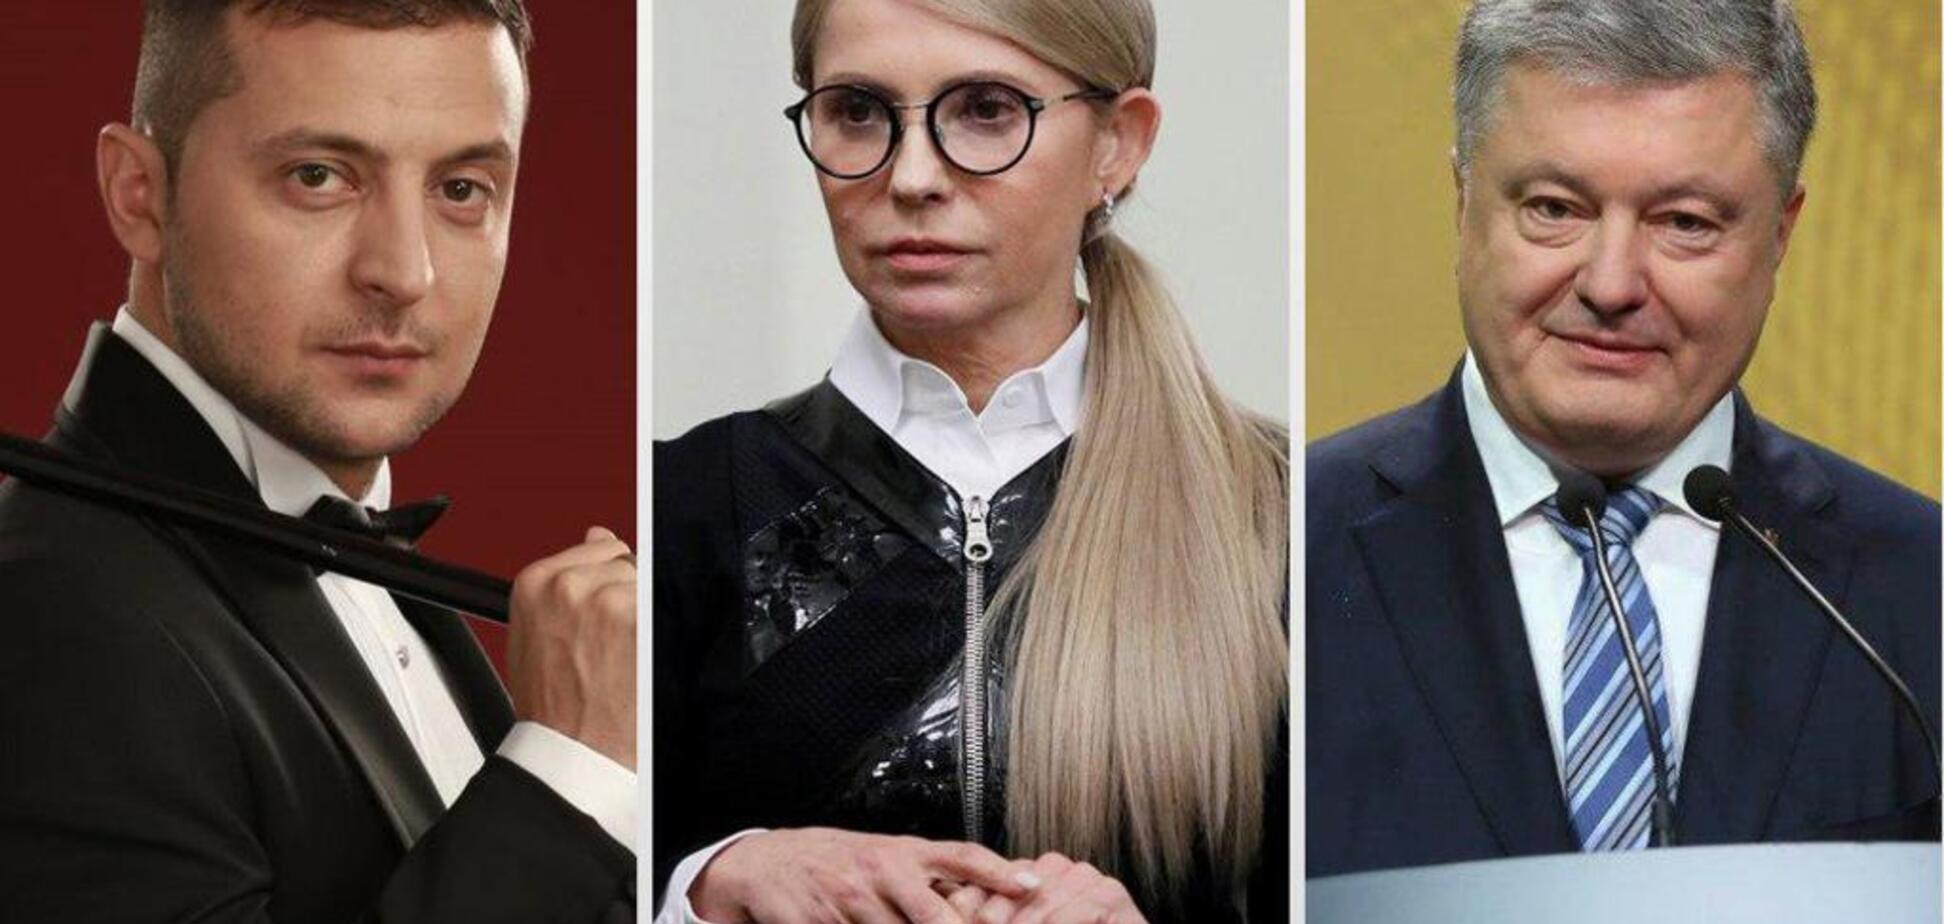 Борьба накаляется: появились неожиданные данные по сопернику Зеленского